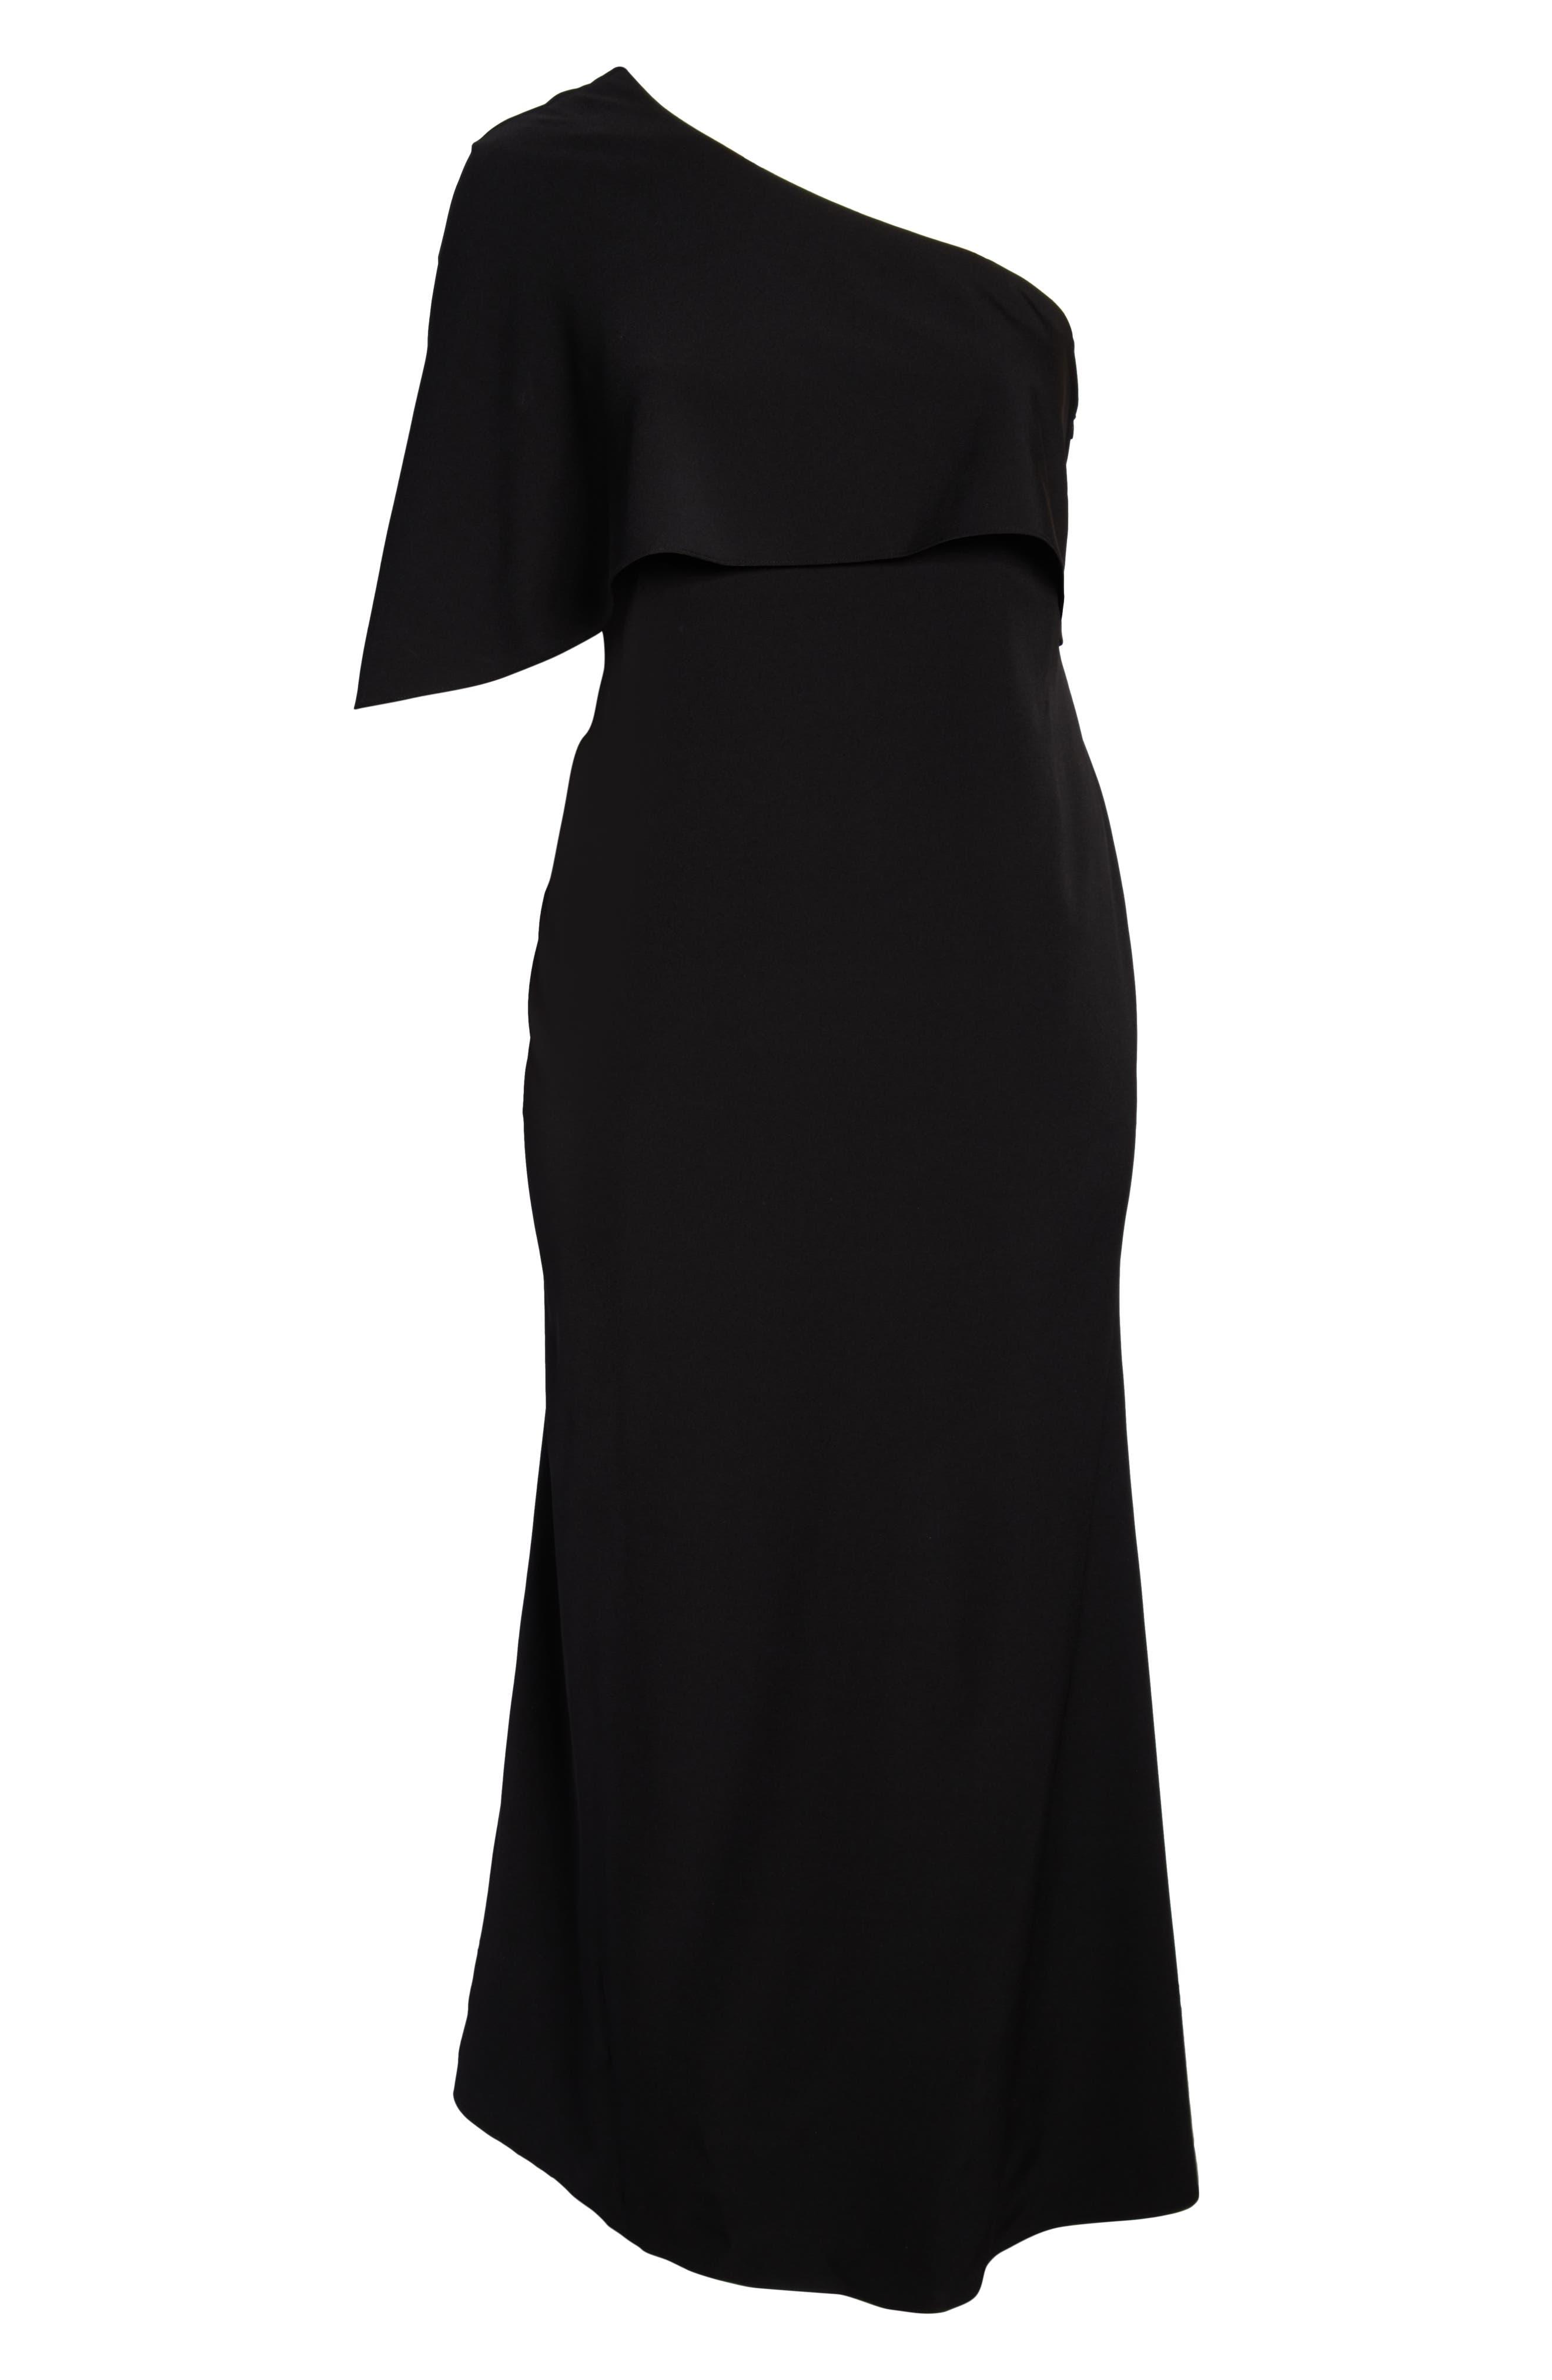 VINCE CAMUTO, One-Shoulder Cape Gown, Alternate thumbnail 7, color, BLACK